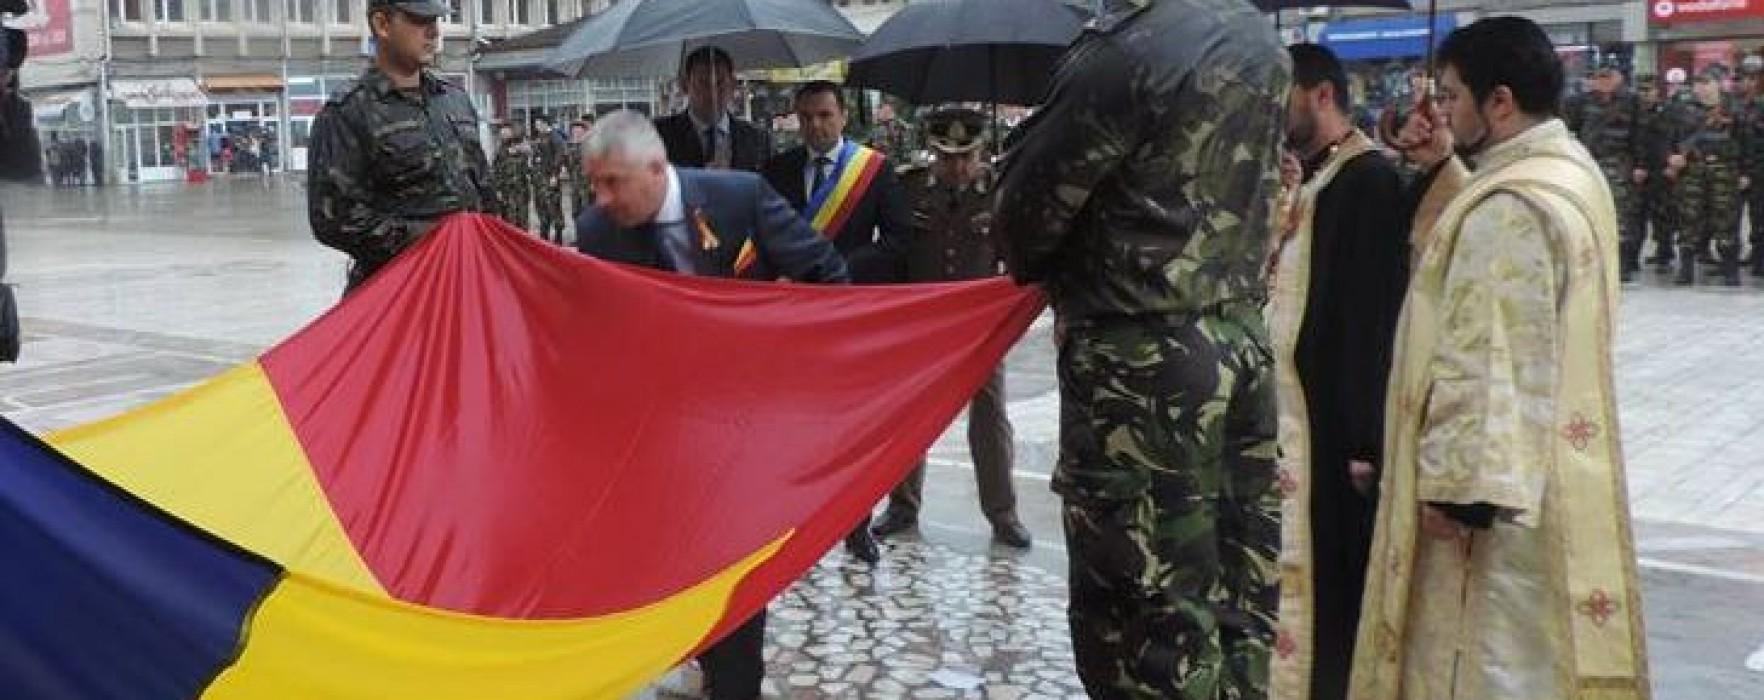 Dâmboviţa: Ziua Drapelului, sărbătorită pe o ploaie torenţială